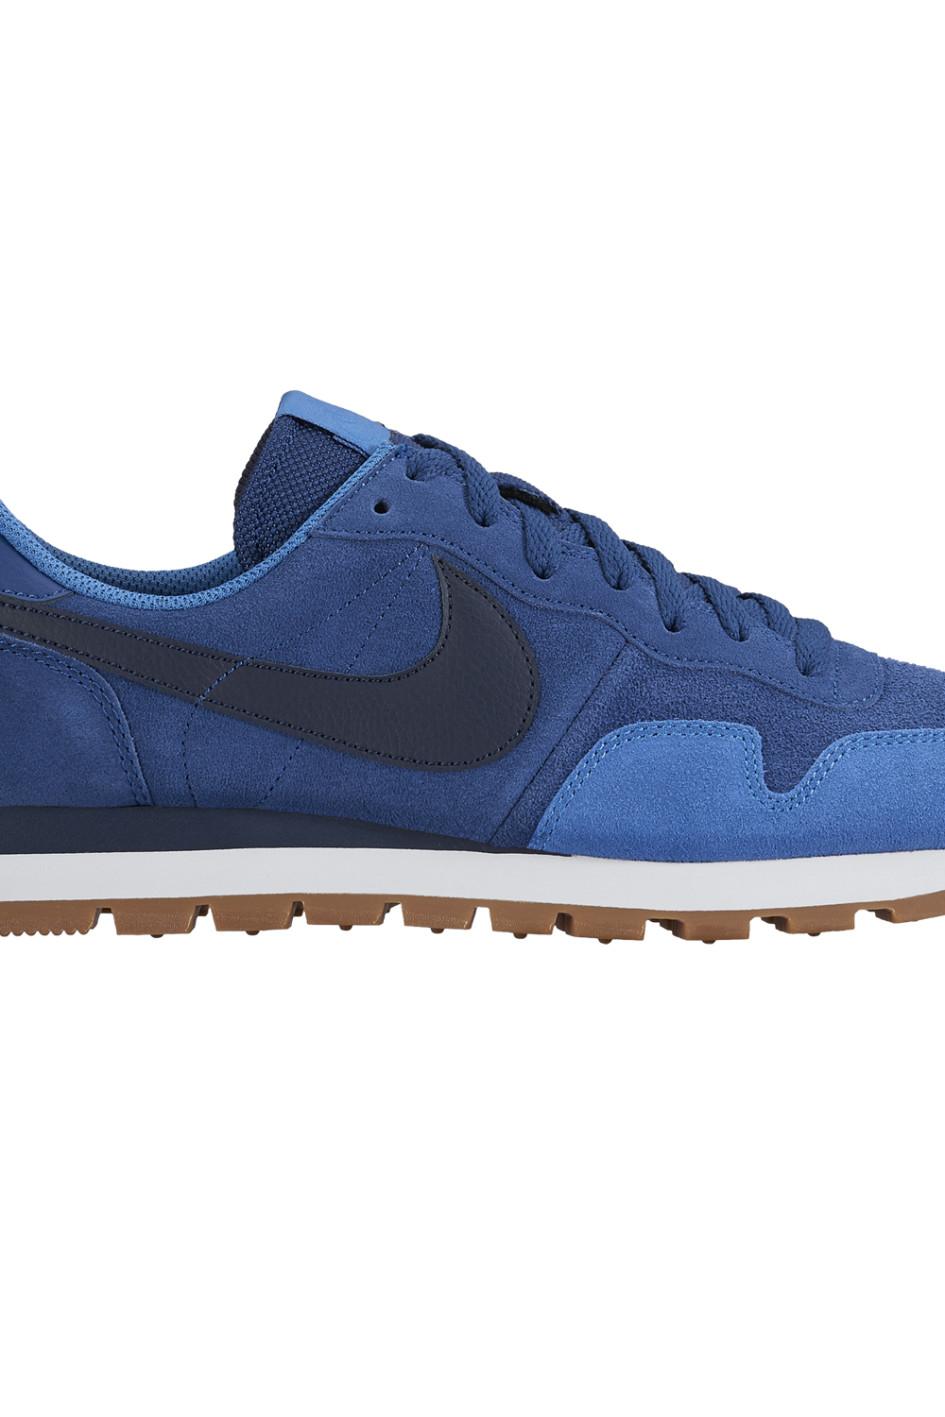 Precio Barato Nike Air Pegasus 83 Hombre Zapatos Descuento Luzdevelas  Fabrica Salida SP6784203572 e70b49264eac8